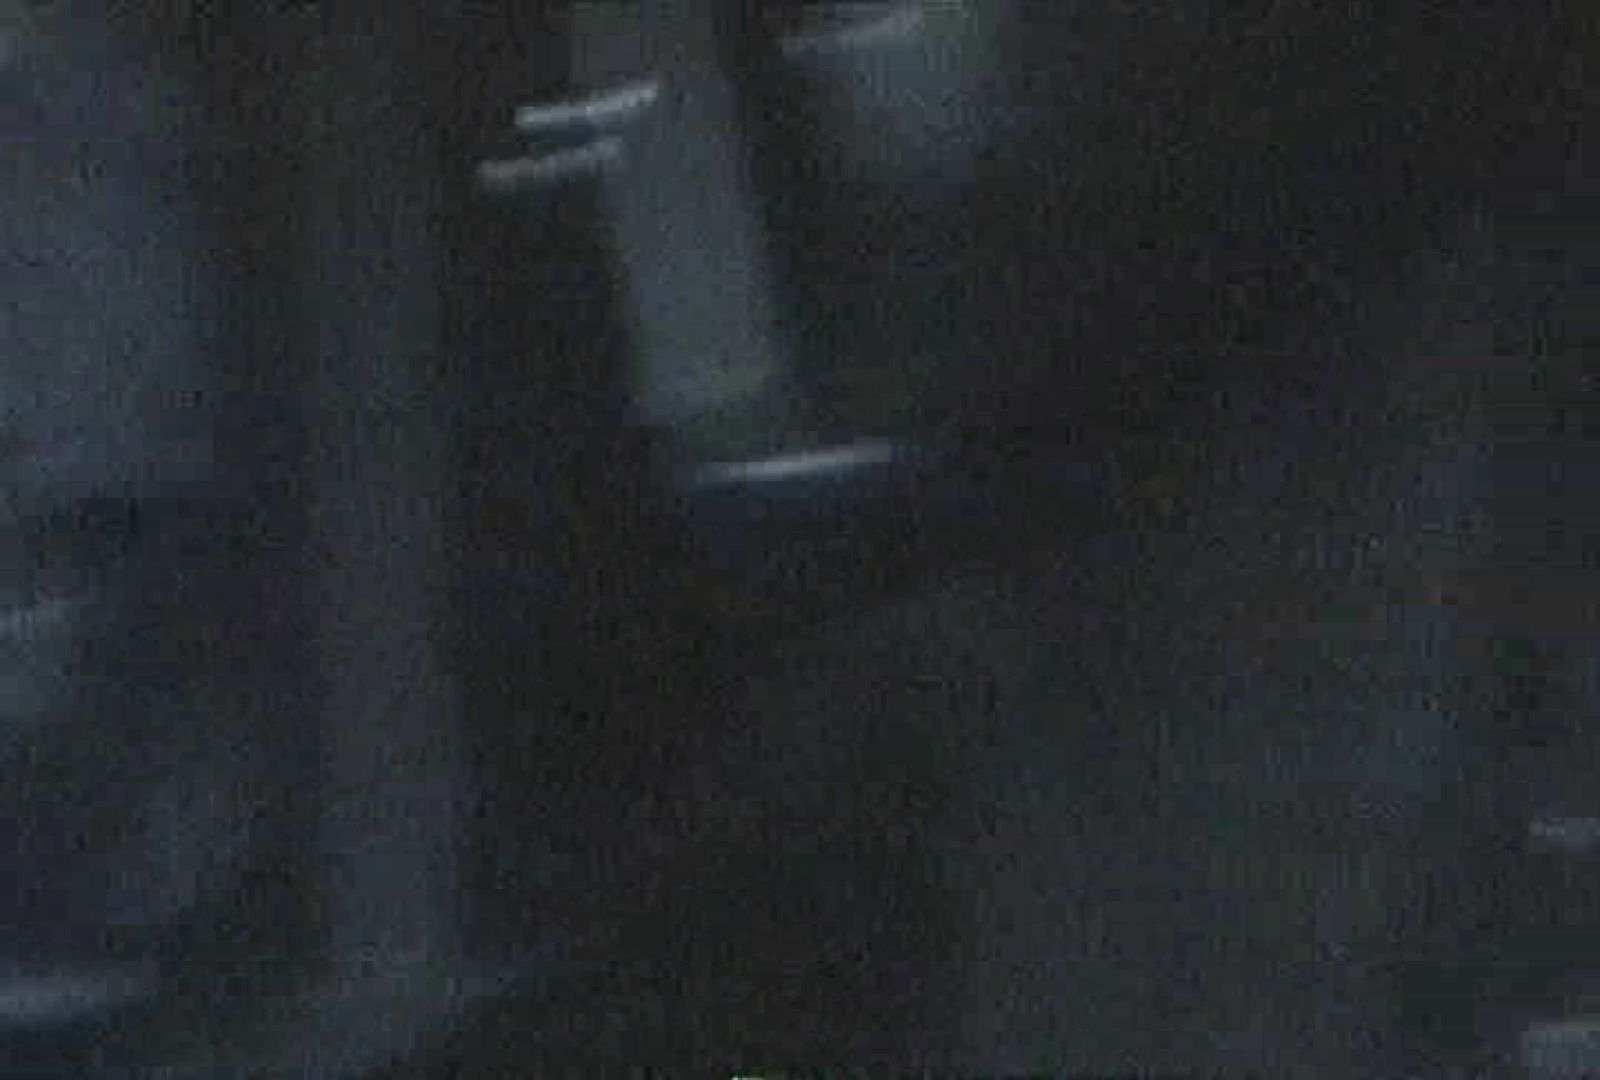 充血監督の深夜の運動会Vol.90 股間 | オナニーする女性たち  110画像 56